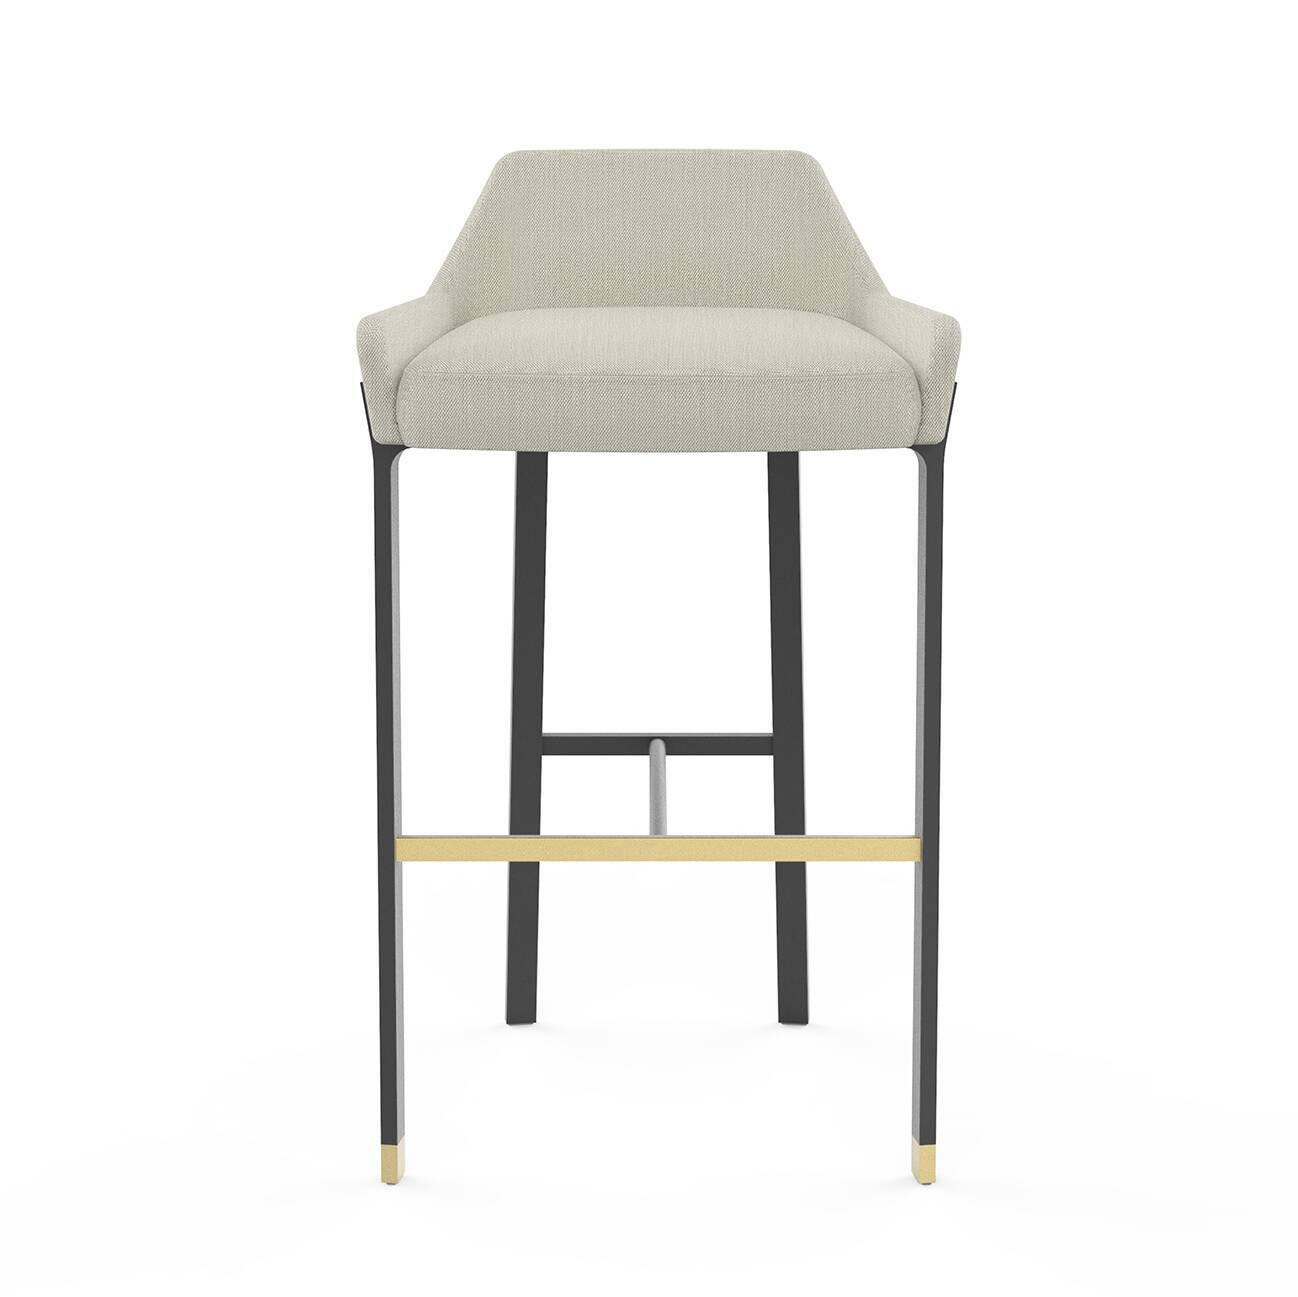 Барный стул BlinkБарные<br>Барные стулья в интерьере играют особенную роль – не только практичную, но и эстетическую. Такие изделия могут украсить интерьер. Барный стул Blink от компании Stellar Works – это идеальный вариант для стильного современного интерьера, который нужно дополнить красивой и по-домашнему уютной мебелью.<br><br><br> Барный стул Blink обладает такой конструкцией ножек, которая оснащена удобной опорой для ног и сиденья. Опора стула изготавливается из стали – практичного и надежного материала, который н...<br><br>stock: 0<br>Высота: 86,7<br>Высота сиденья: 75<br>Ширина: 51,6<br>Глубина: 51,2<br>Цвет ножек: Черный<br>Материал сидения: Полиэстер, Полиуретан<br>Цвет сидения: Бело-серый<br>Цвет ножек дополнительный: Латунь<br>Тип материала сидения: Ткань<br>Коллекция ткани: Fabric B: Lamous<br>Тип материала ножек: Сталь